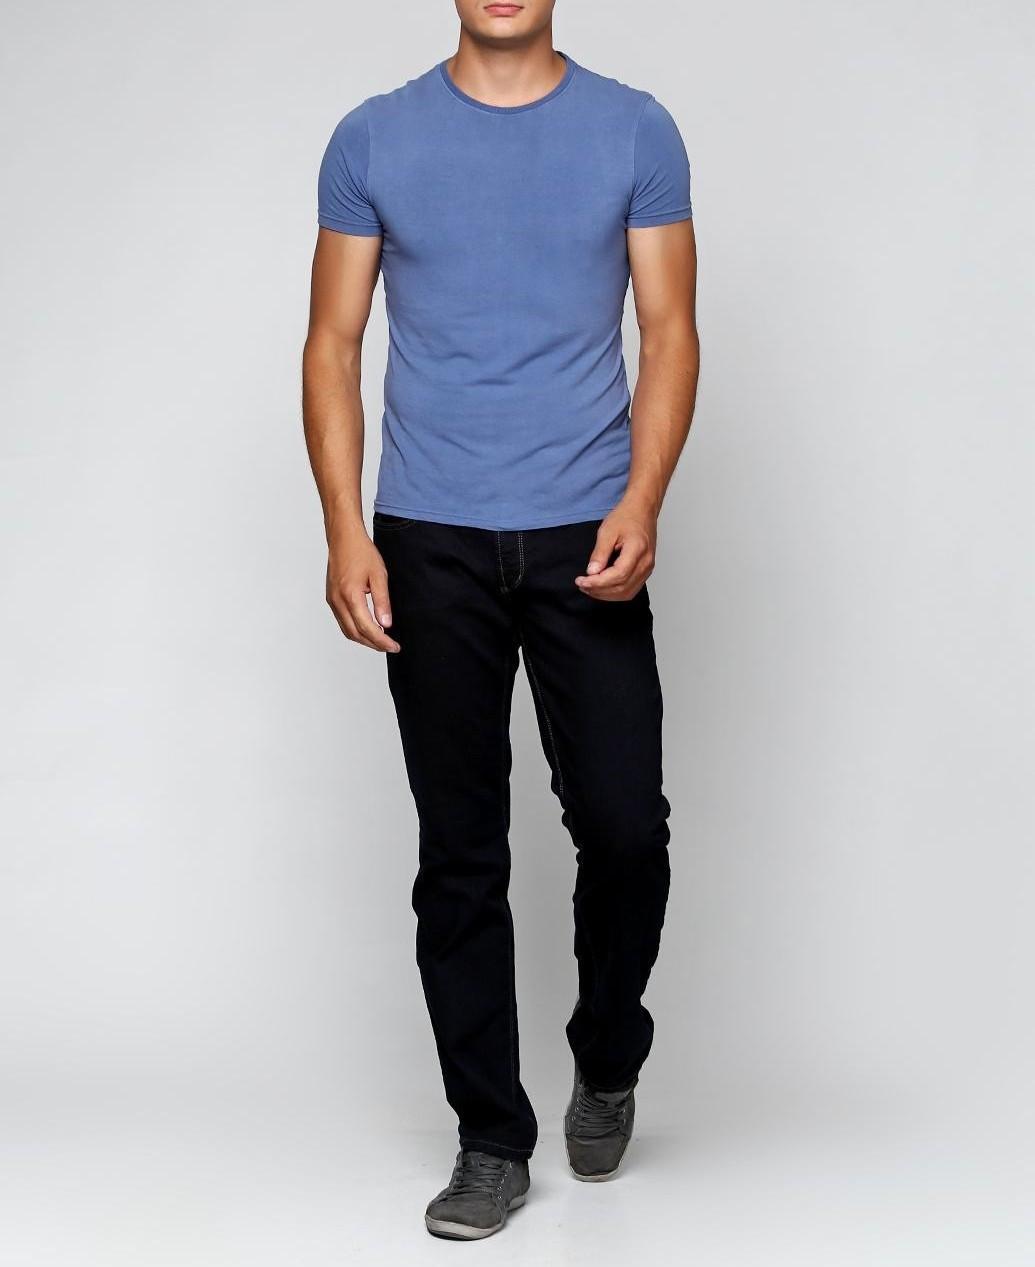 Мужские джинсы Pioneer 33/32 Темно-синий (2900054236012)